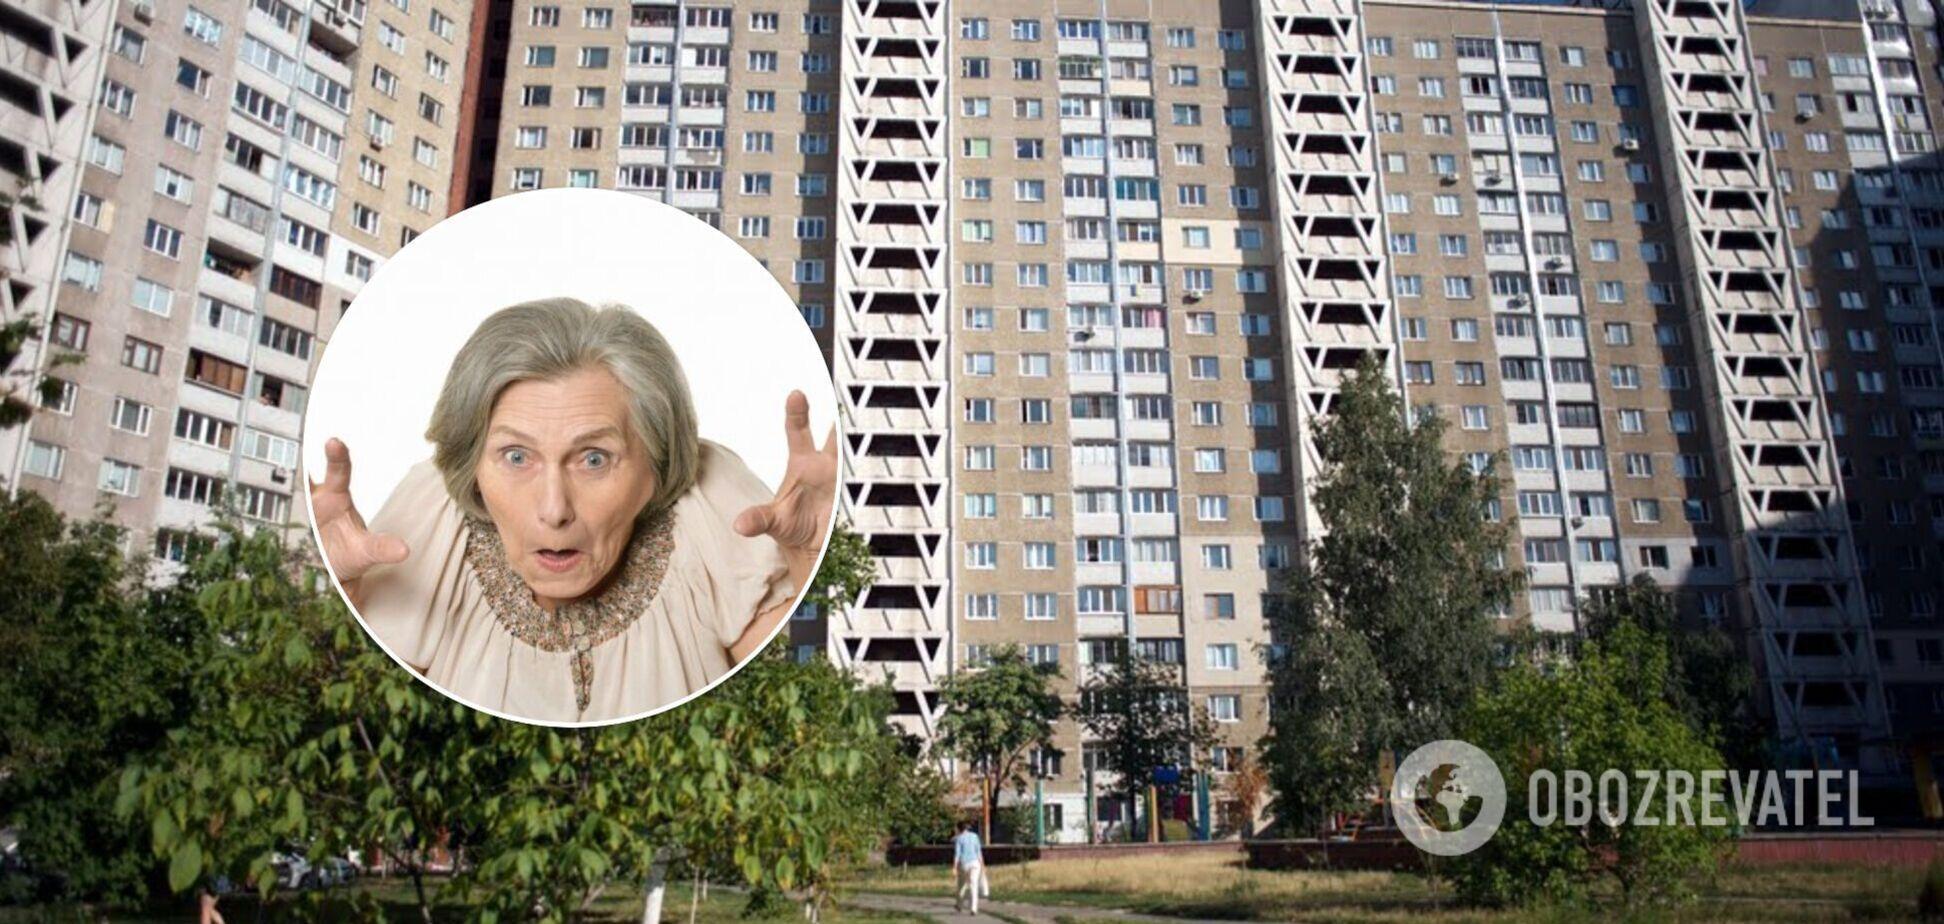 У Києві на Теремках бабуся кидала в дітей посуд, а потім затопила сусідів. Відео